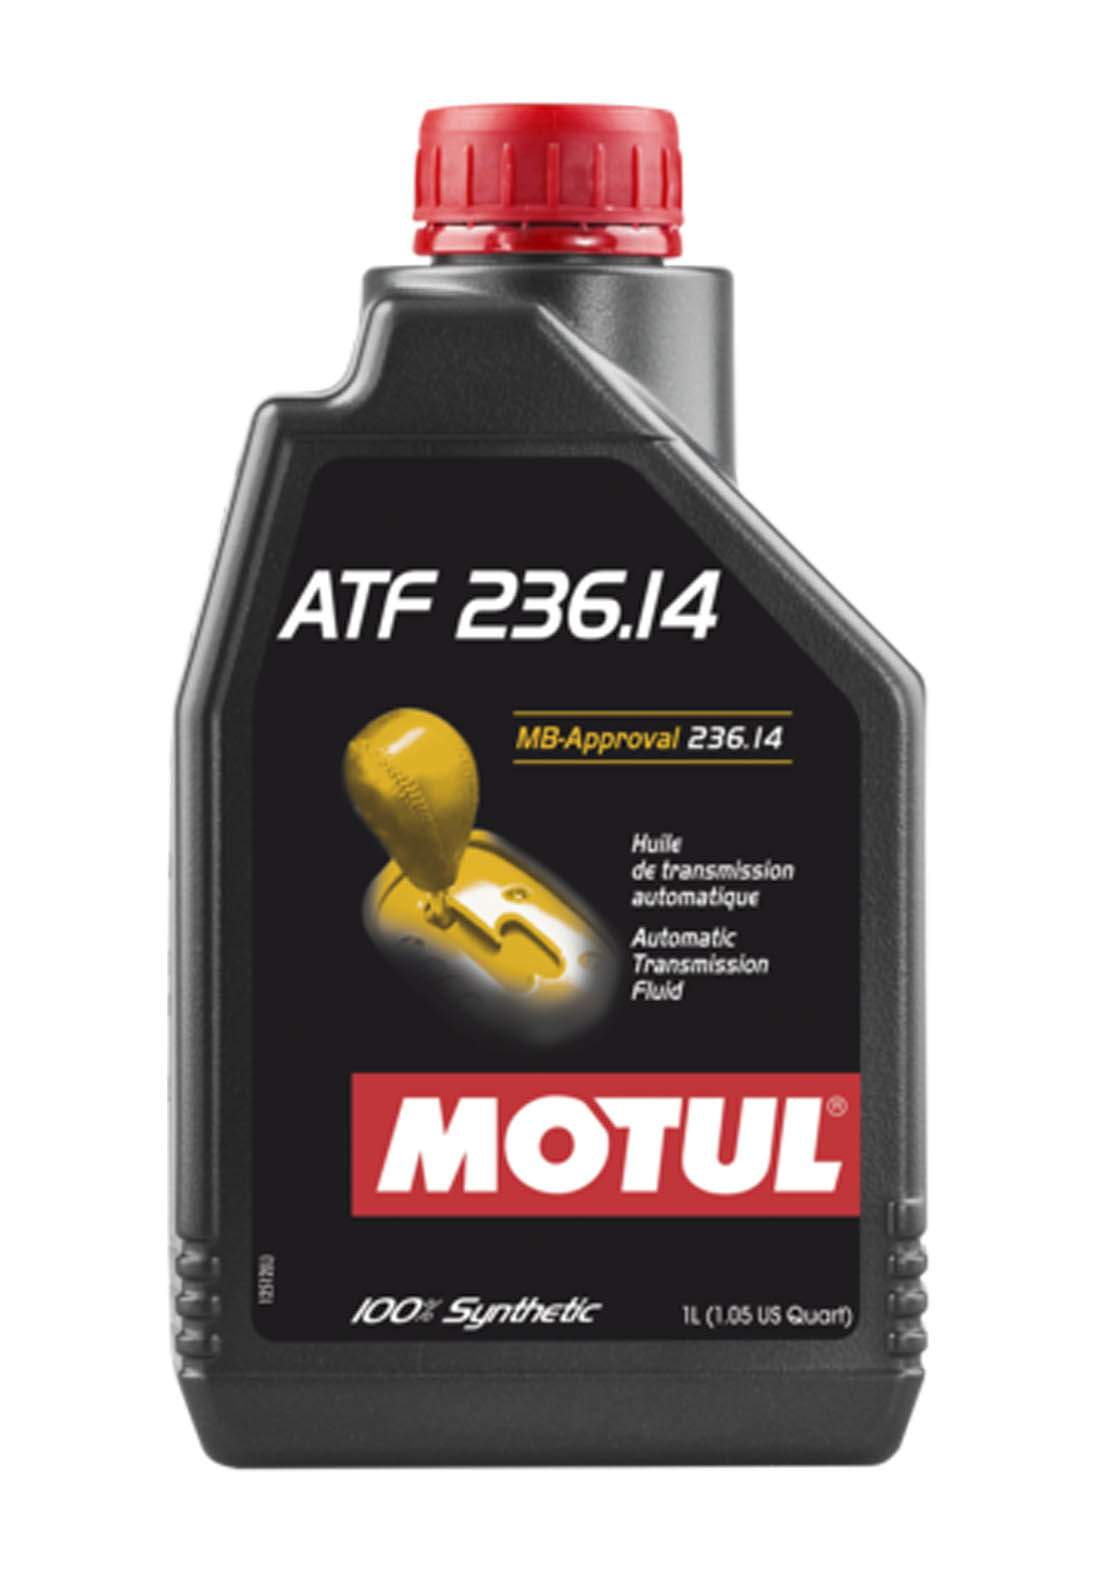 Motul ATF 236.14 Automatic Transmission Fluid For Mercedes Benz Cars 1 L زيت ناقل الحركة الأوتوماتيكي خاص لسيارات مرسيدس بنز